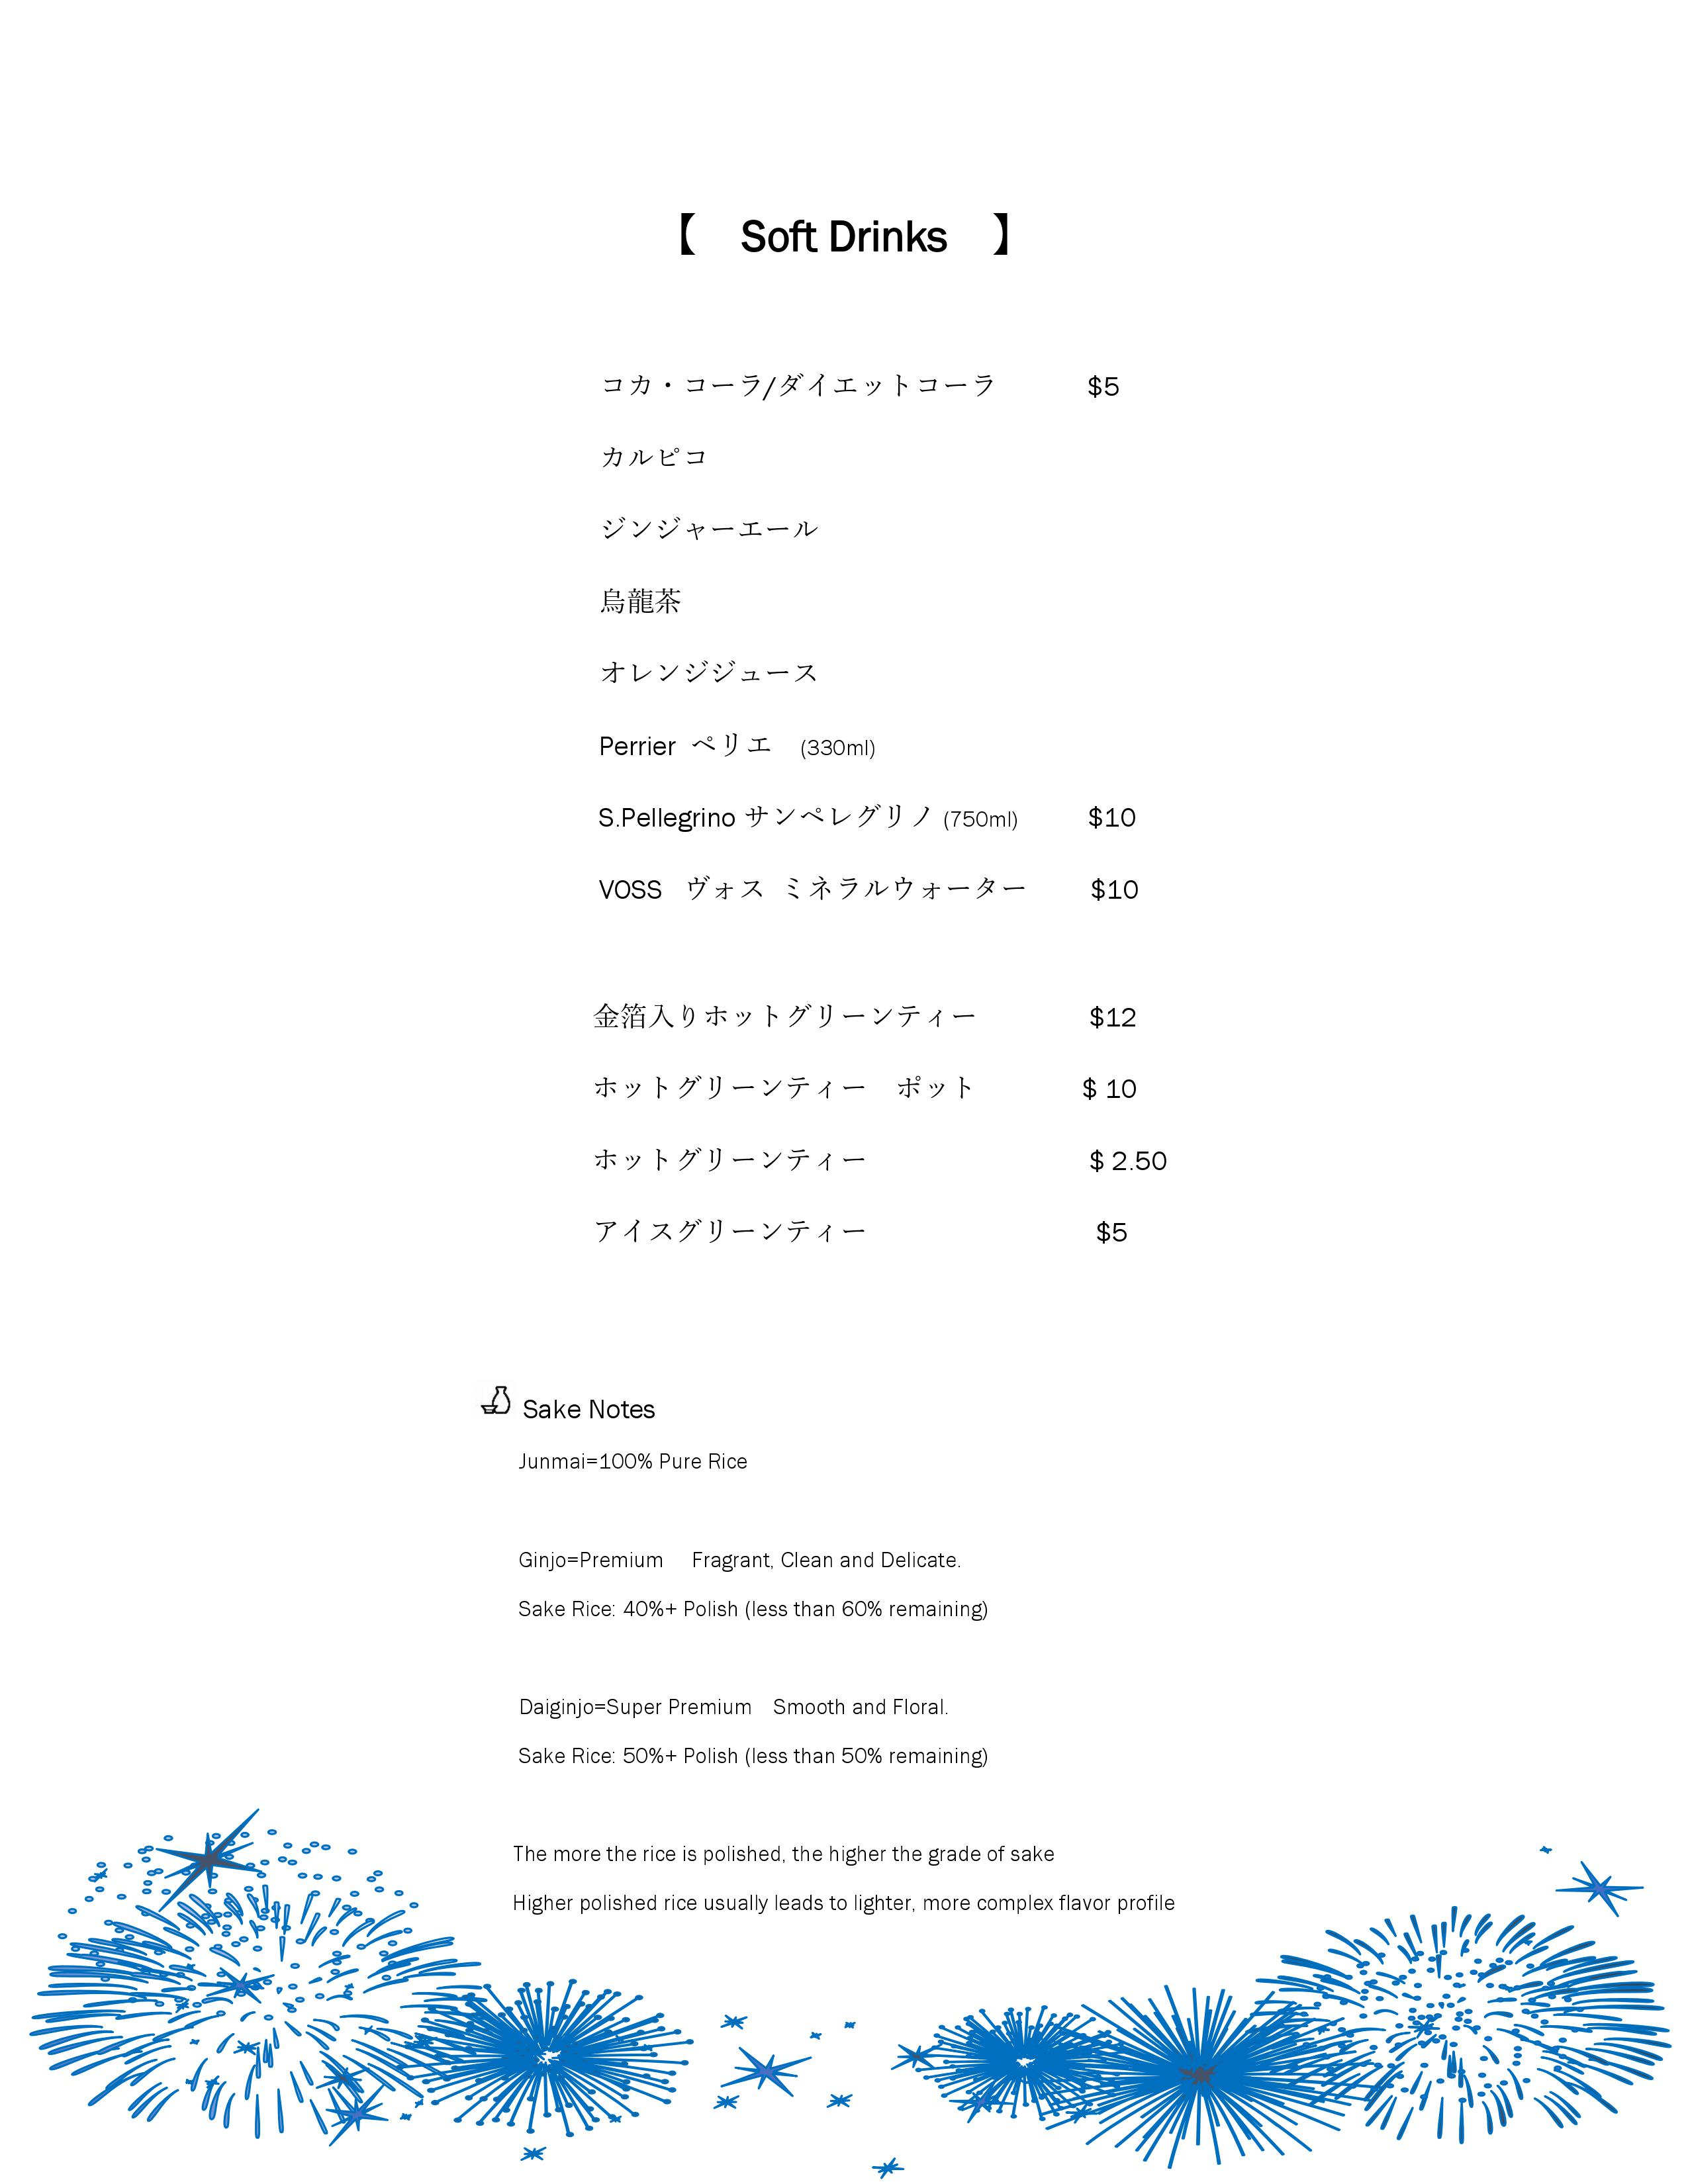 鉄板焼 [ハワイ店] ディナーメニュー9